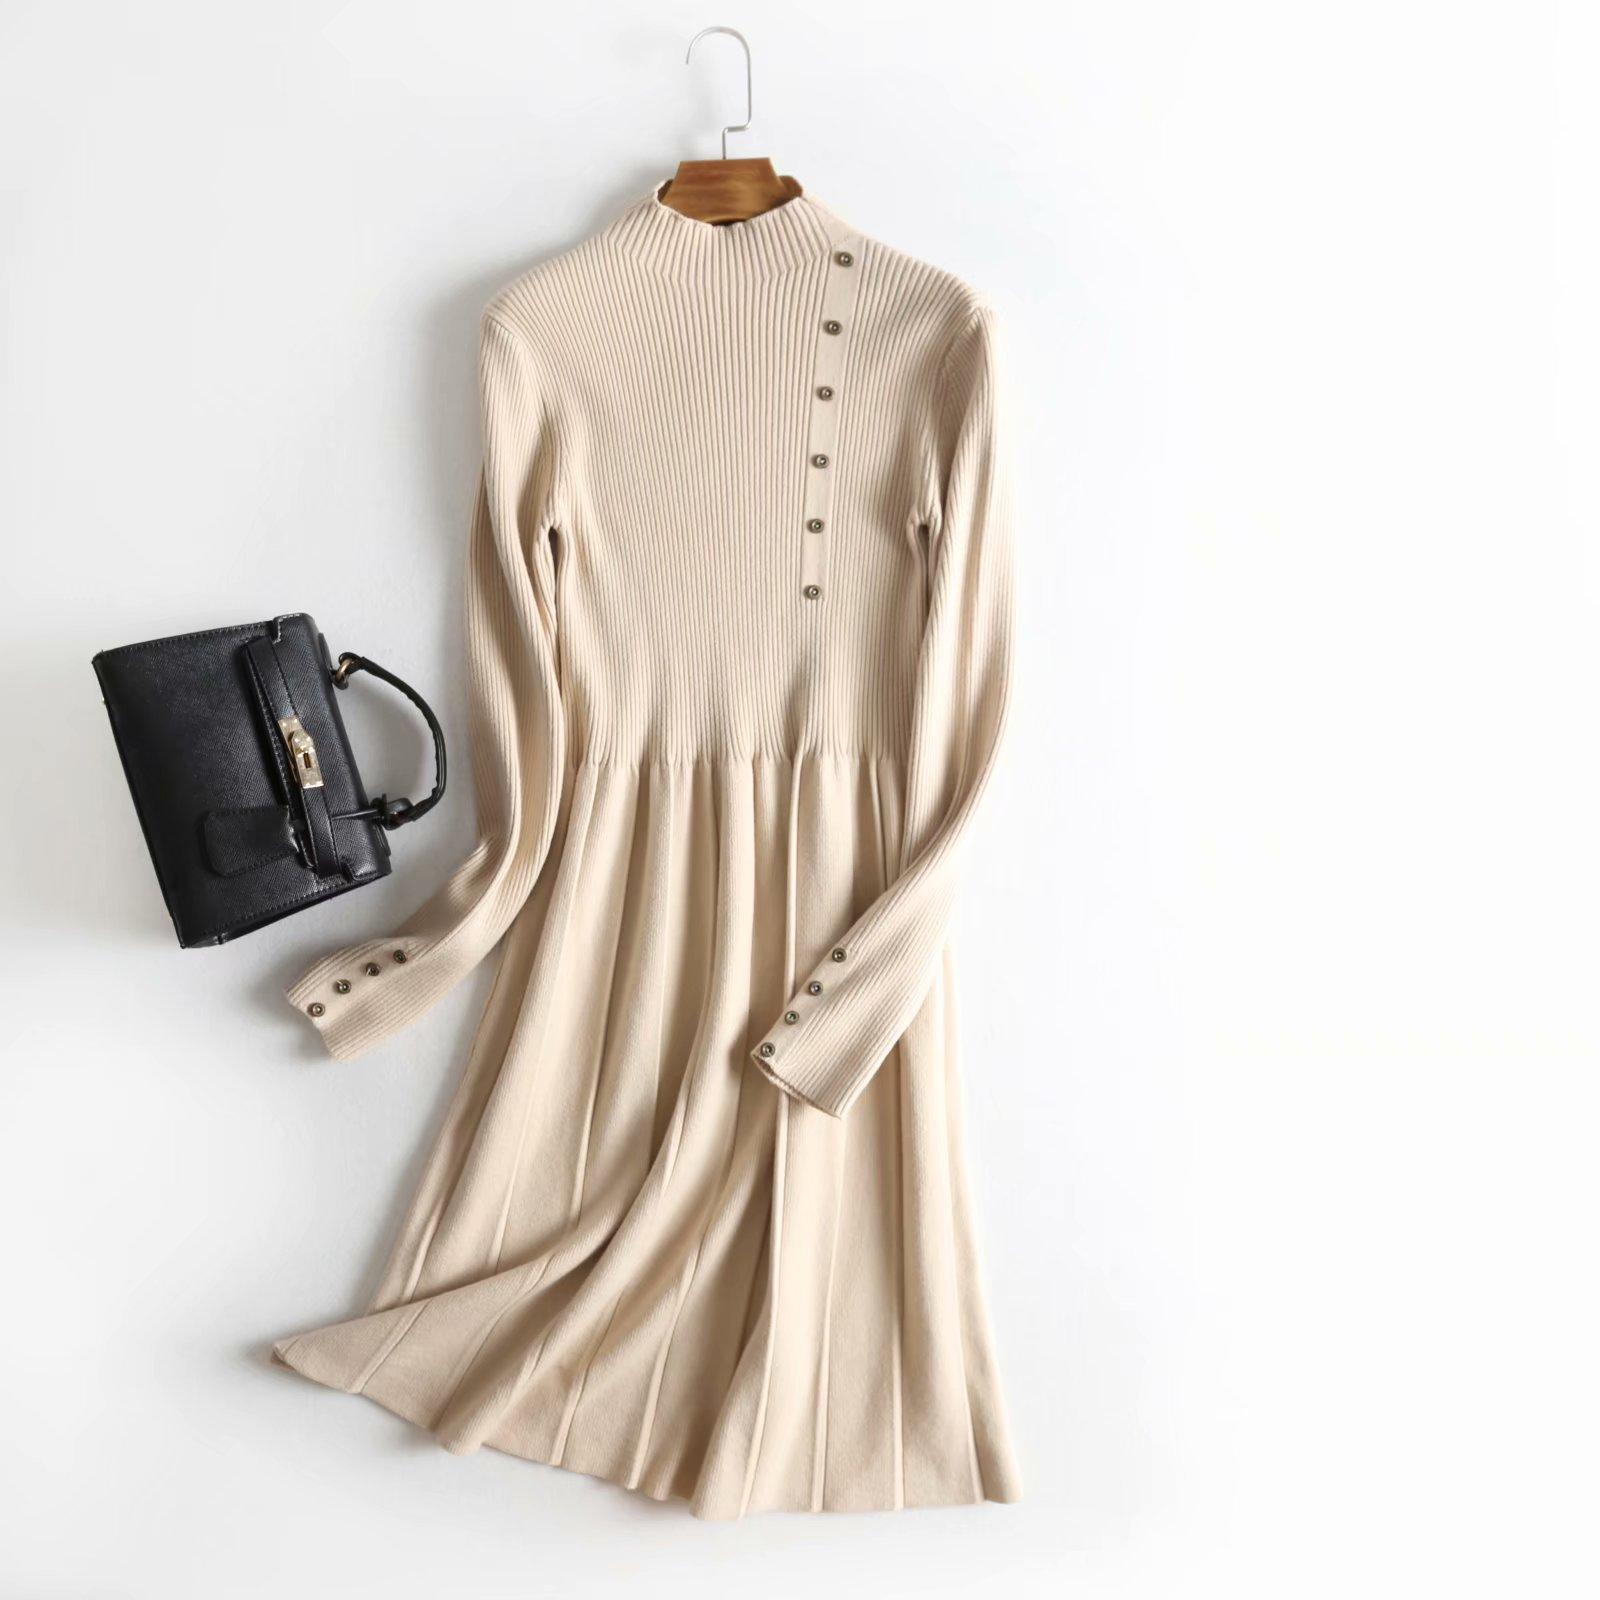 32-Ding-121 2018 hiver nouveau Style col montant à manches longues en laiton boucle décoration taille étreinte robe en Jersey femmes